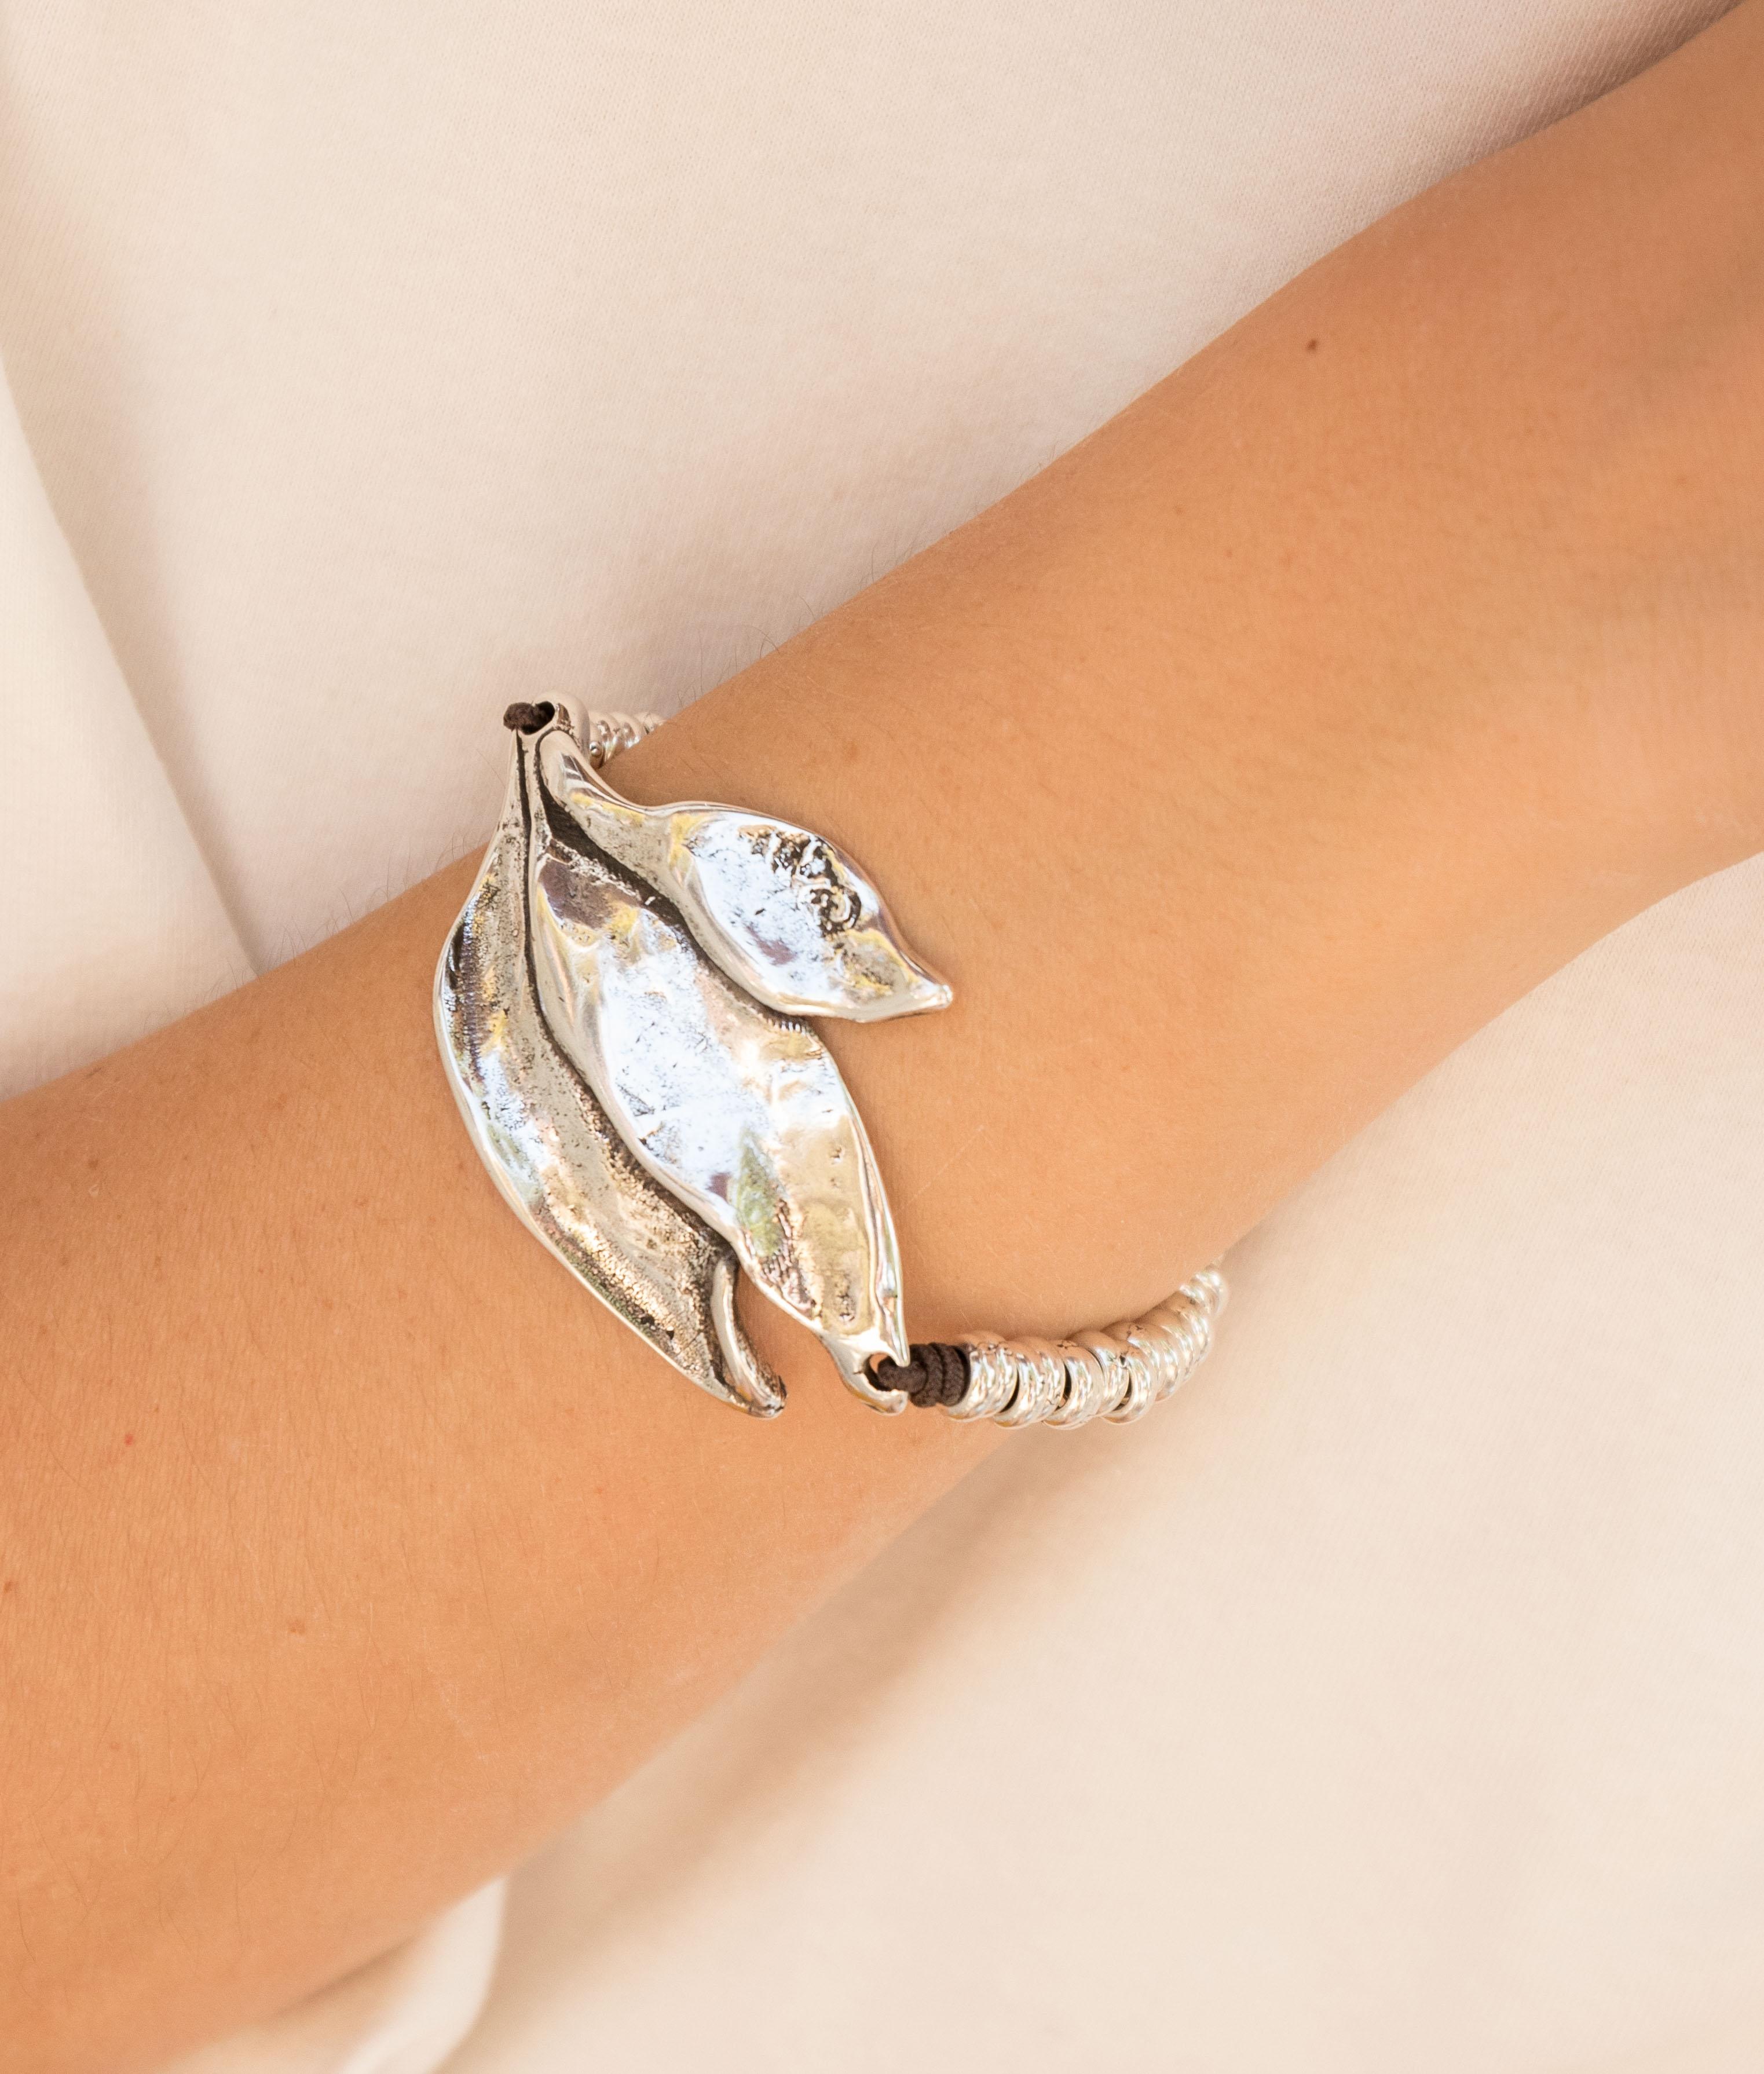 Bracelet Calathea Last - Silver